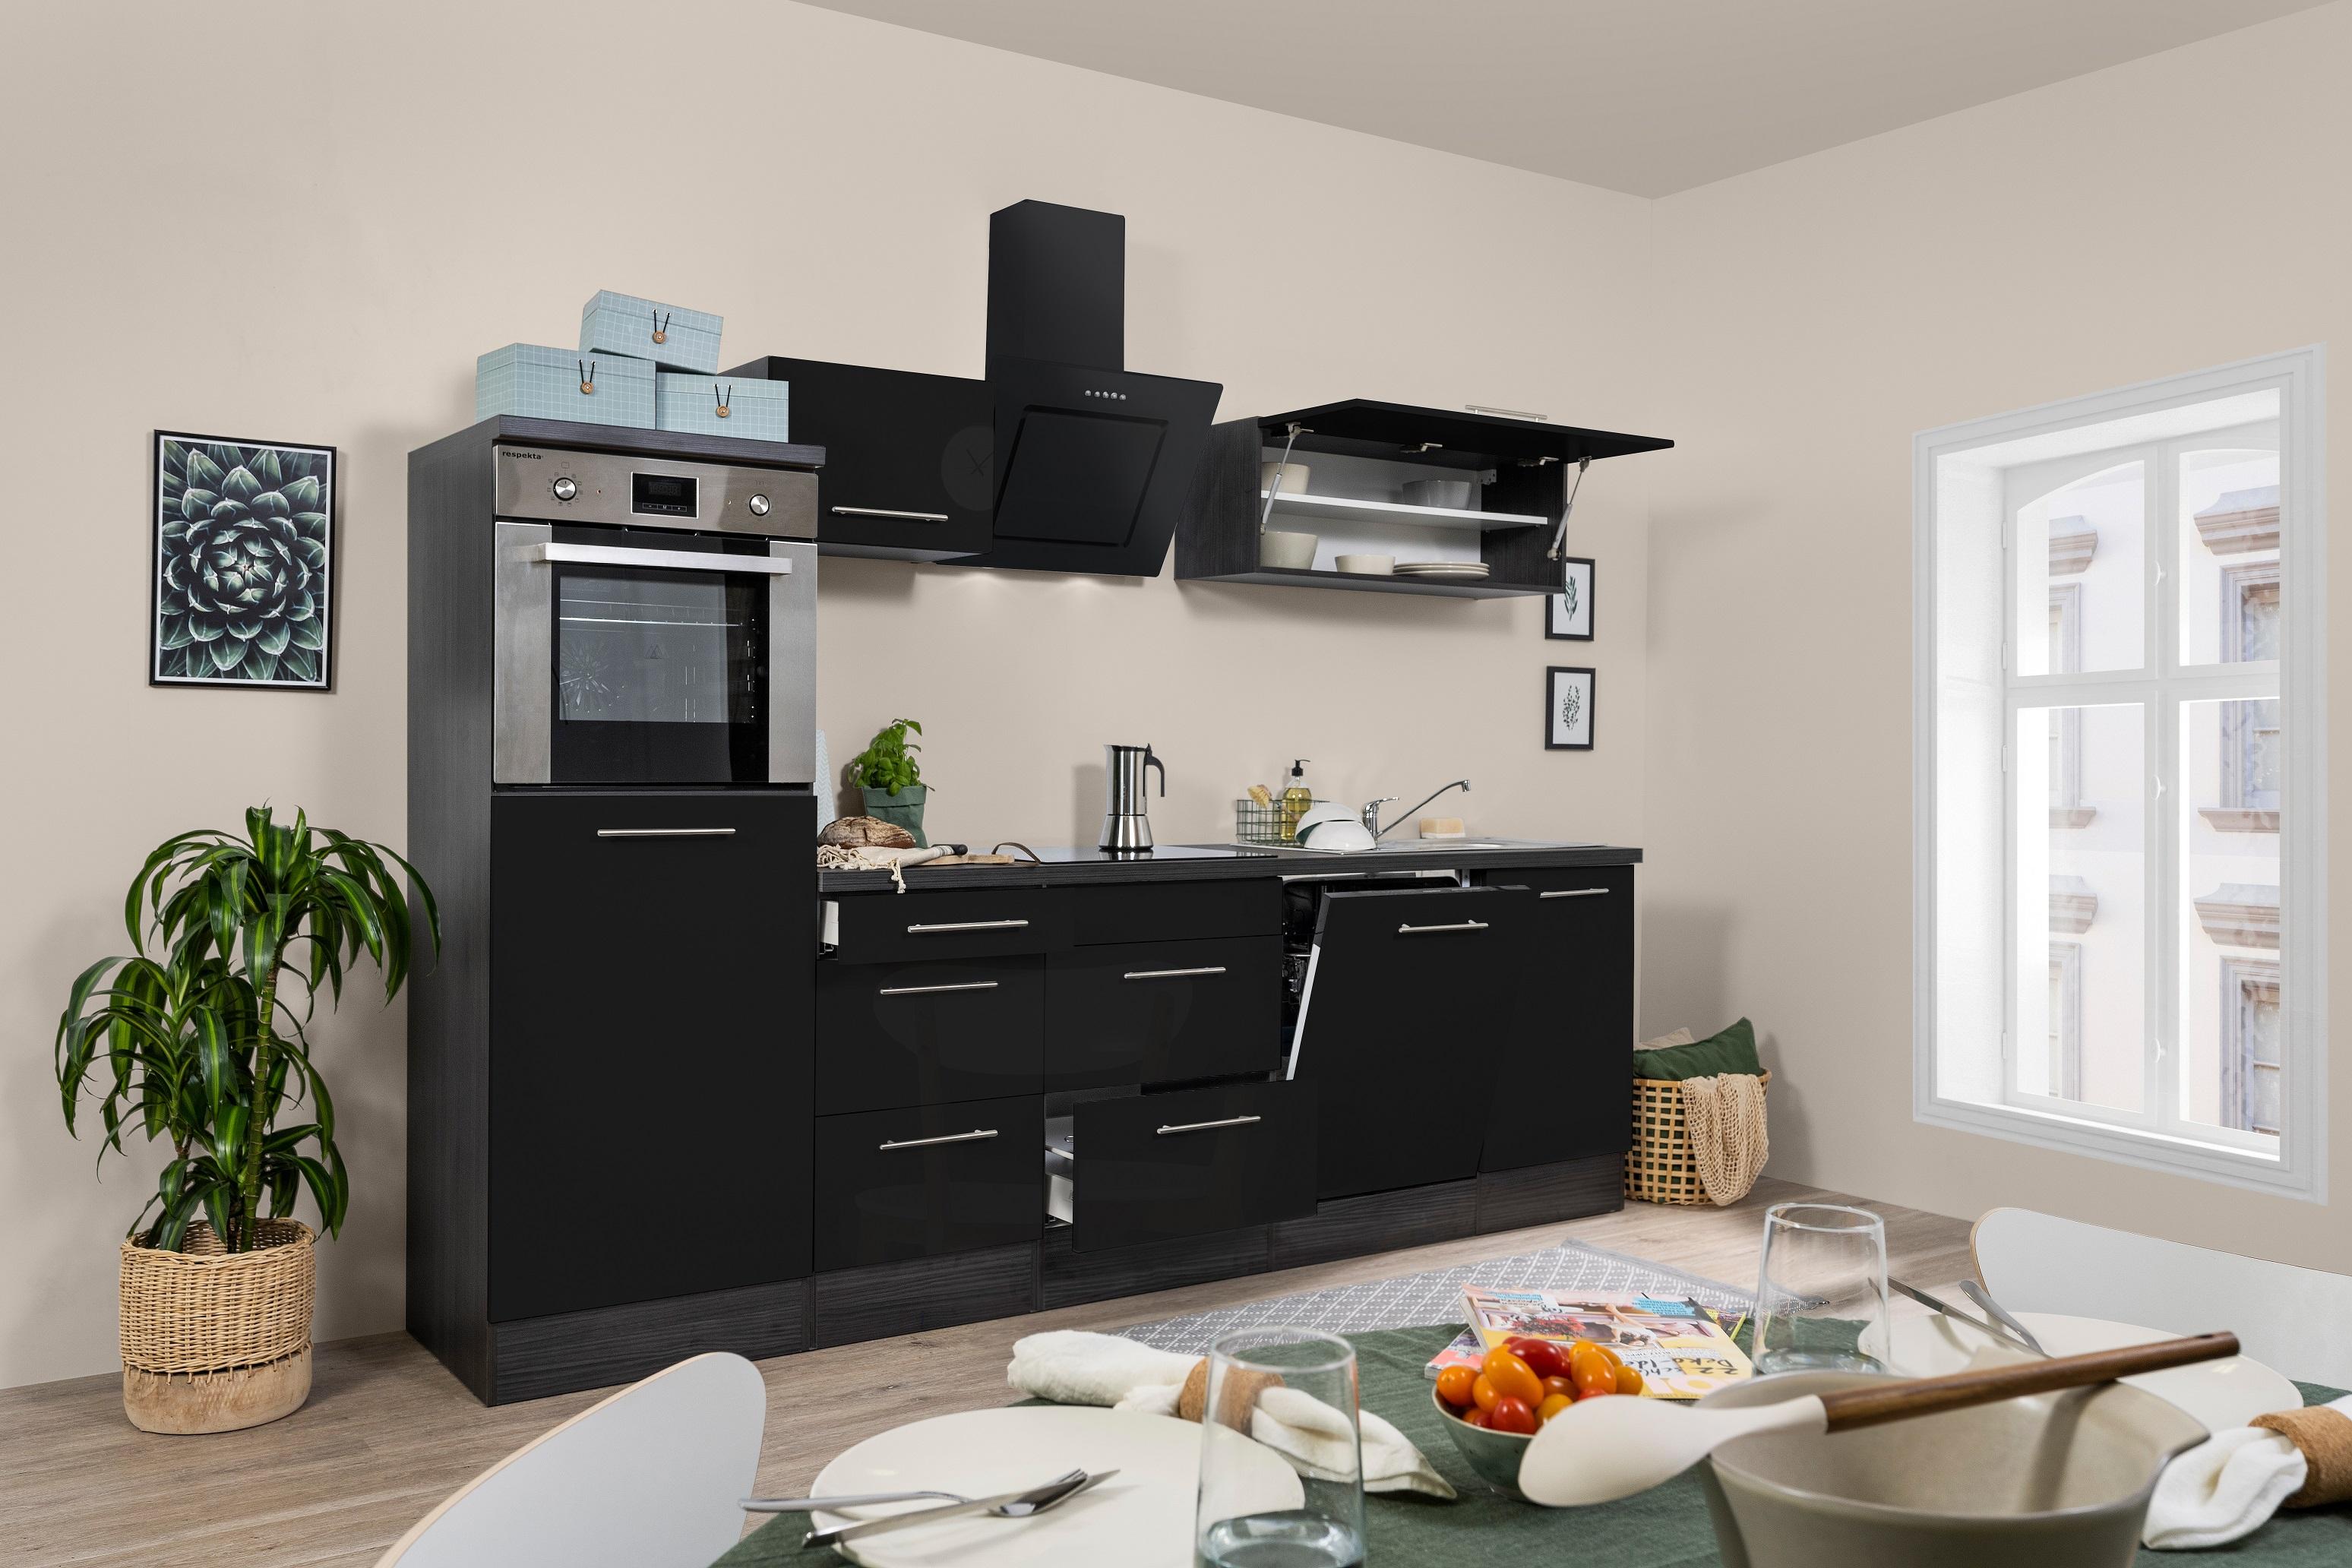 respekta Küchenzeile Küche Küchenblock Einbauküche 280cm Hochglanz Eiche schwarz